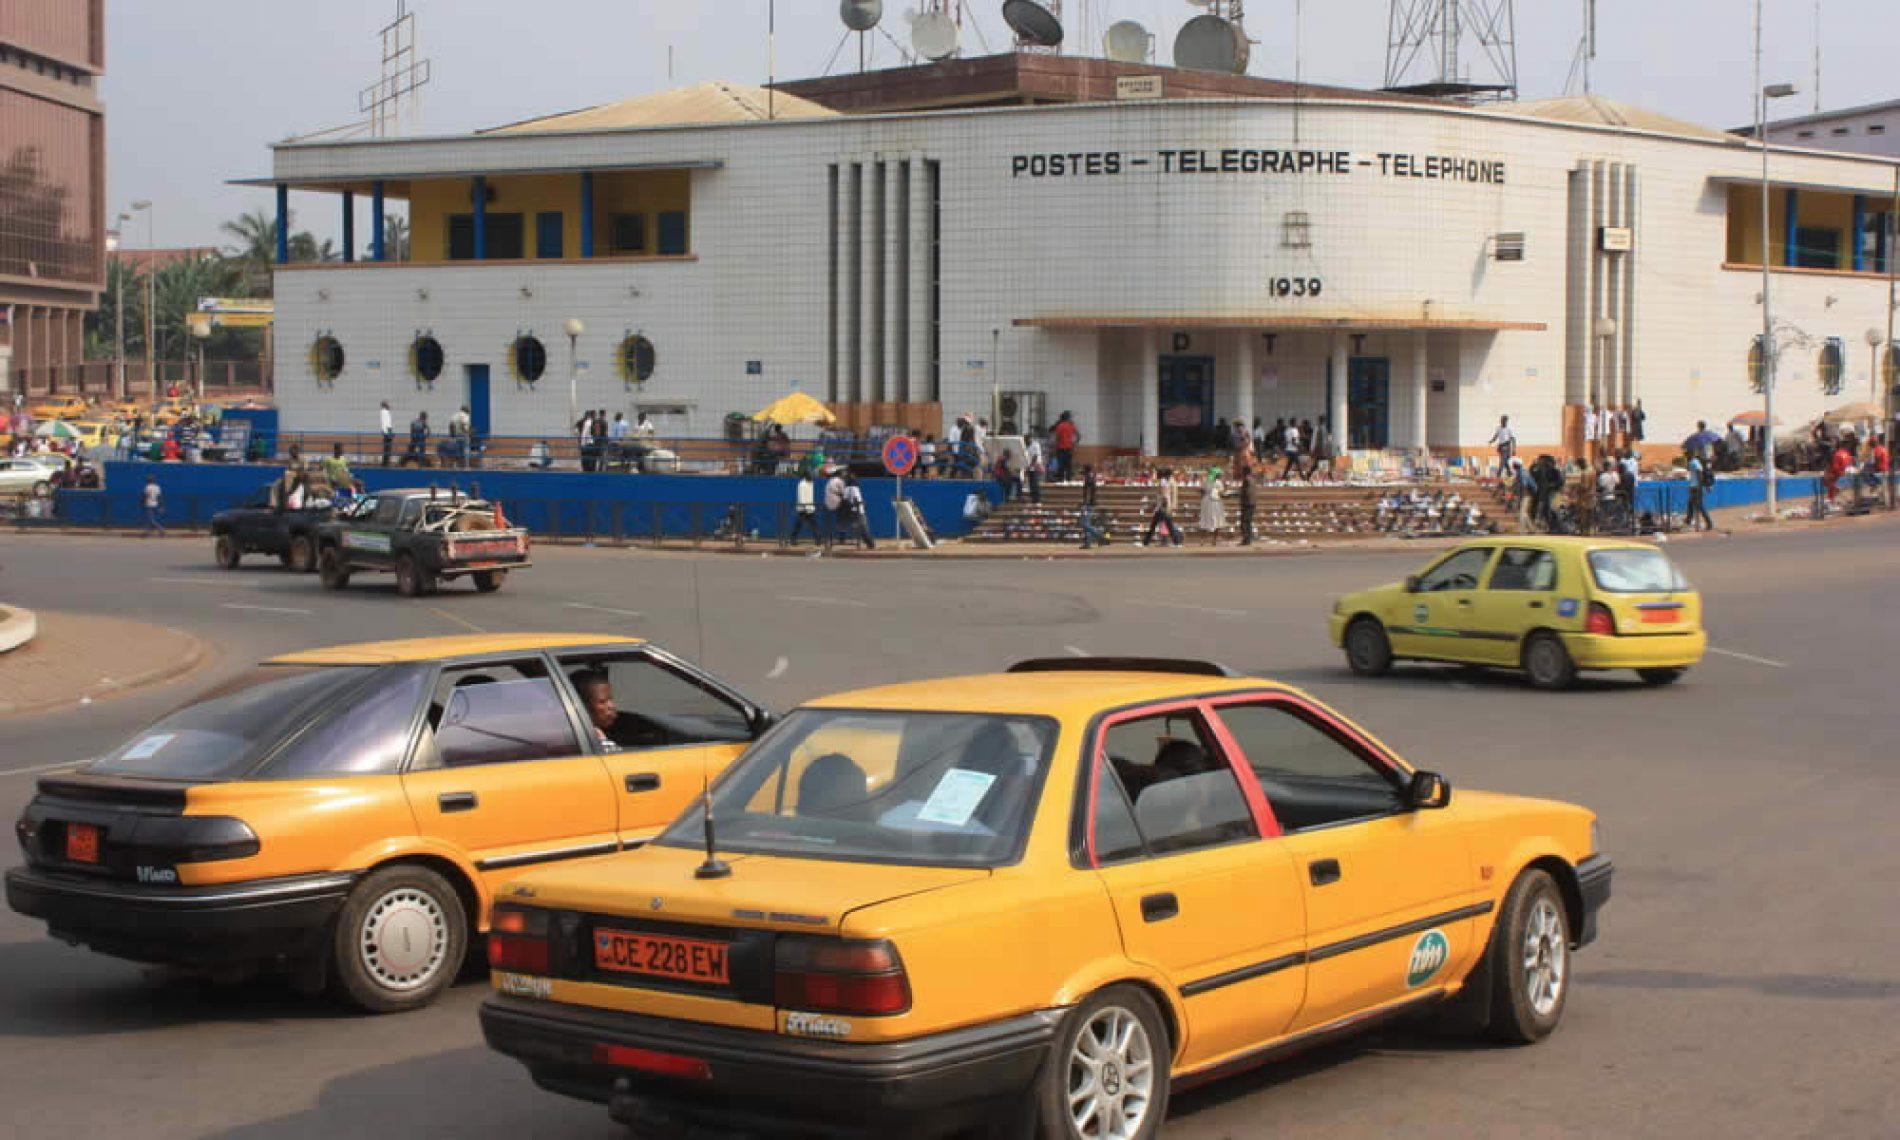 Mobilité urbaine: la grève des taxis annulée